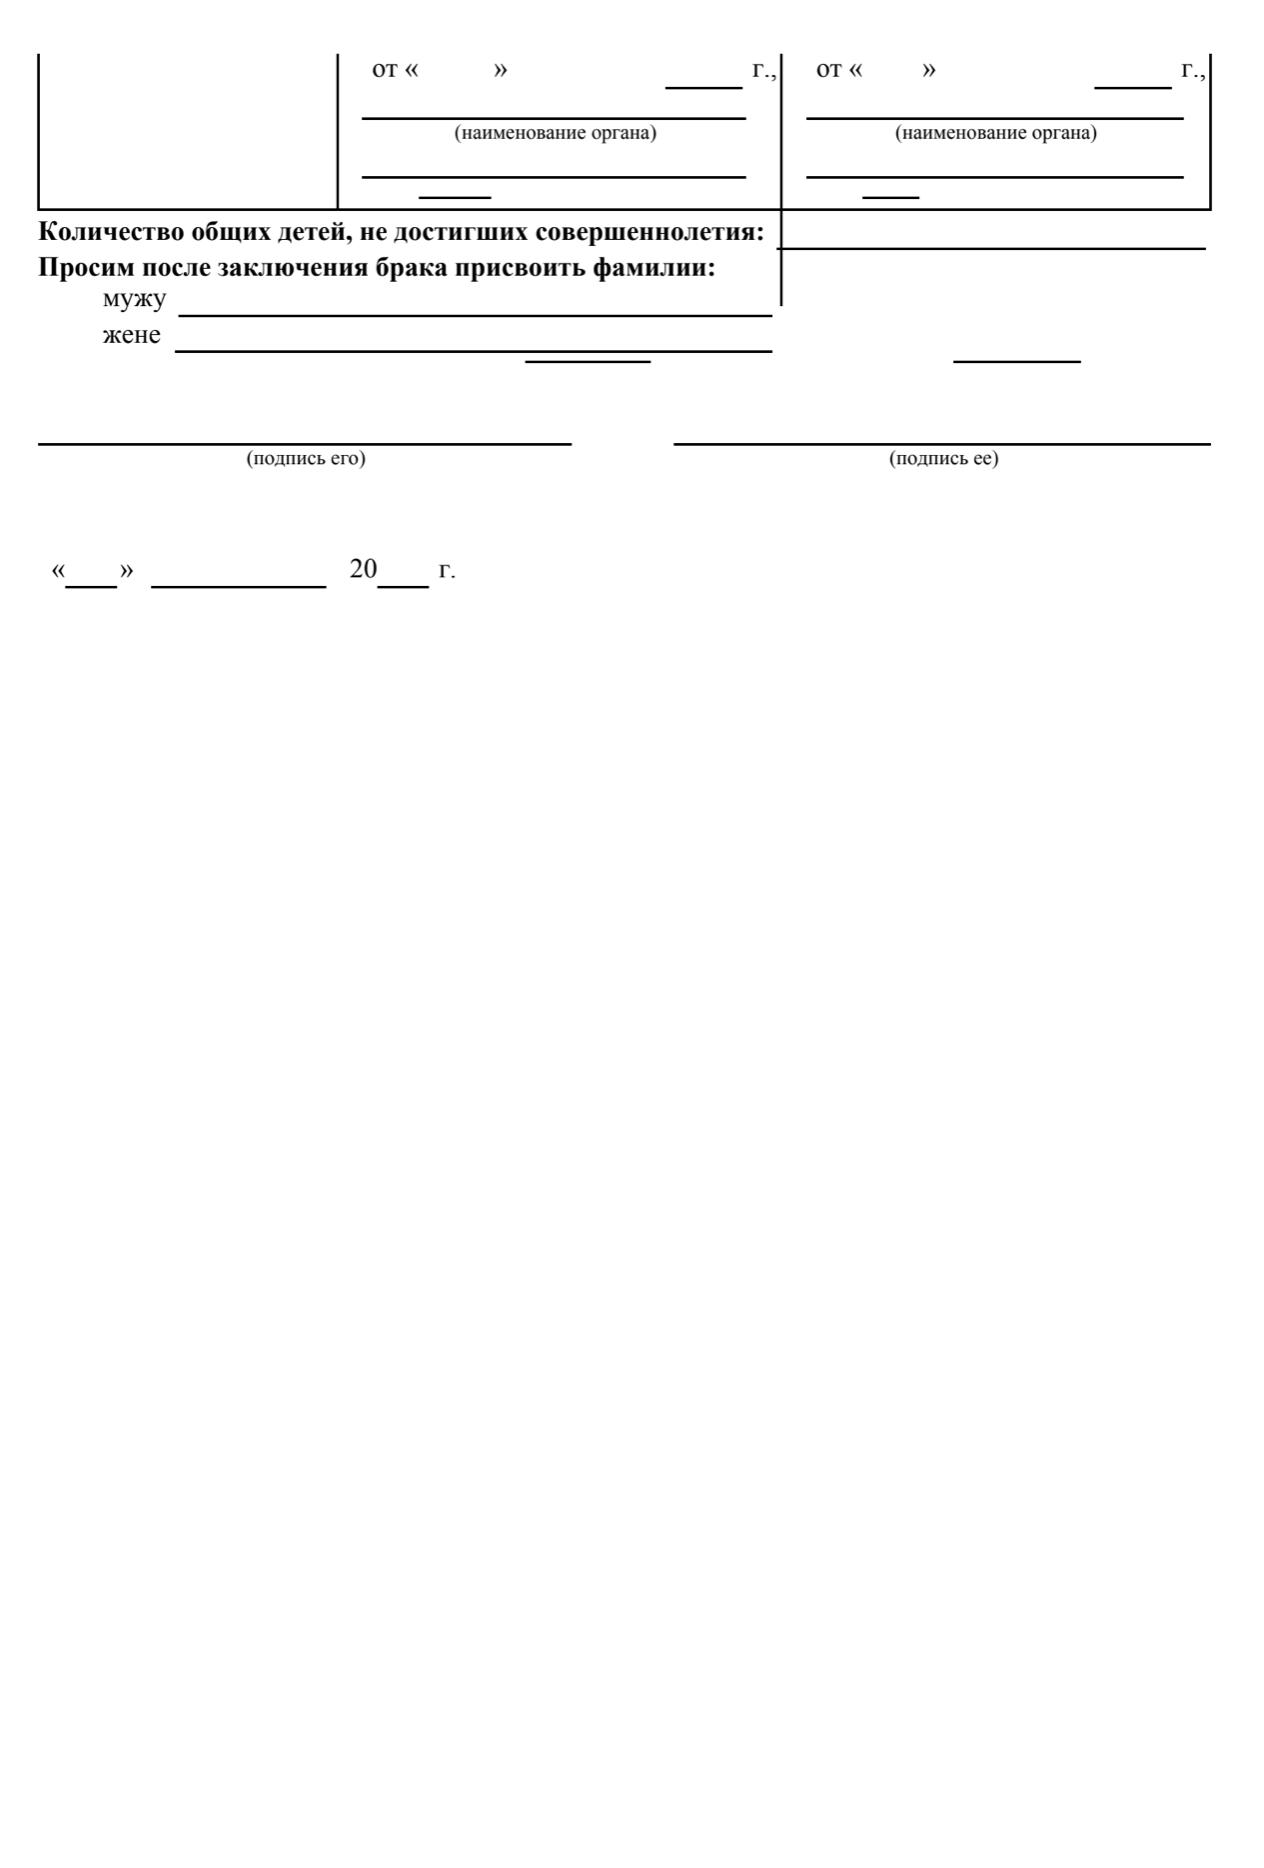 В конце заявители выбирают фамилии, ставят подписи и указывают дату заполнения